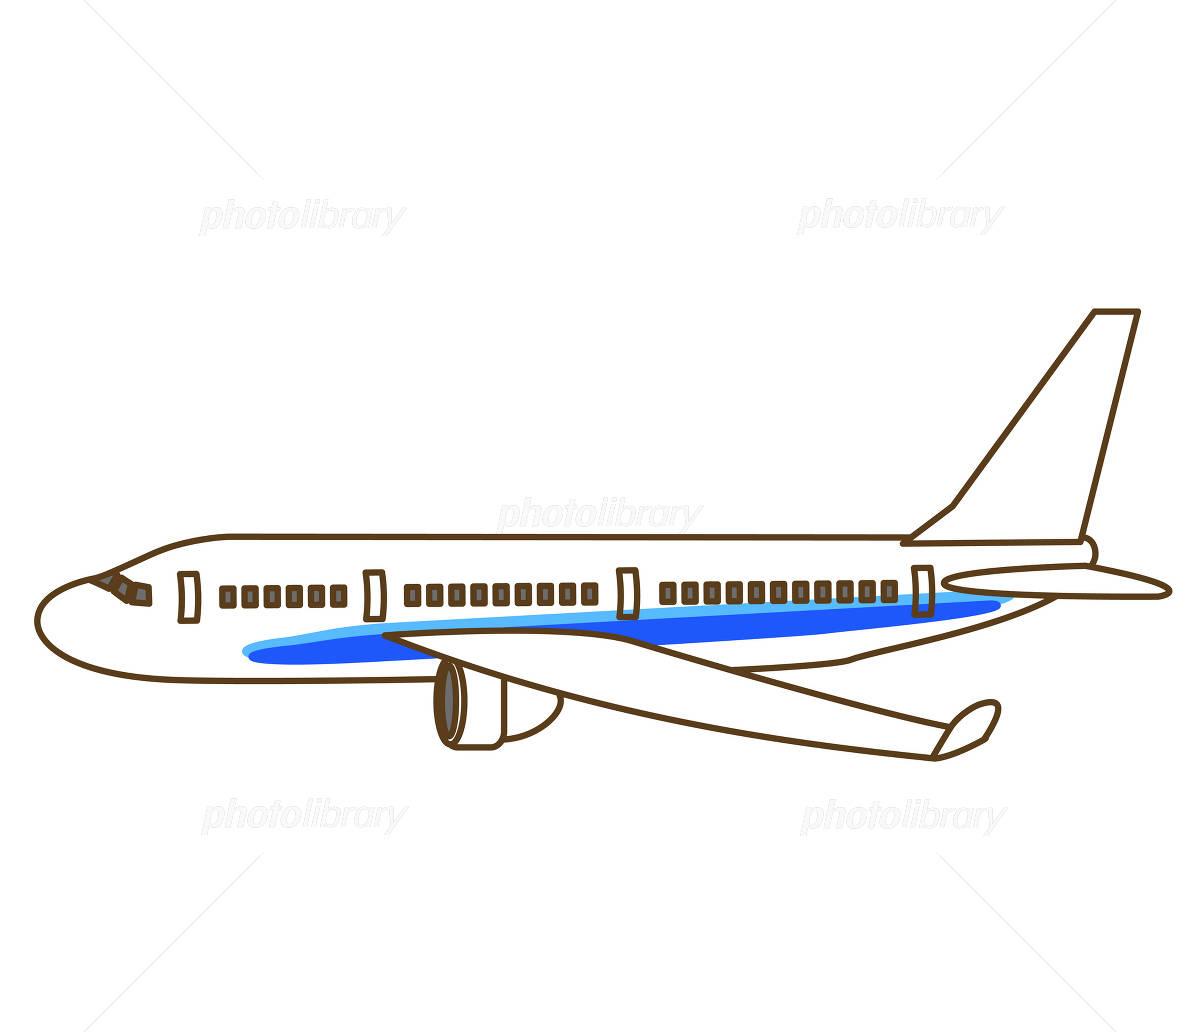 飛行機 イラスト素材 1798105 フォトライブラリー Photolibrary